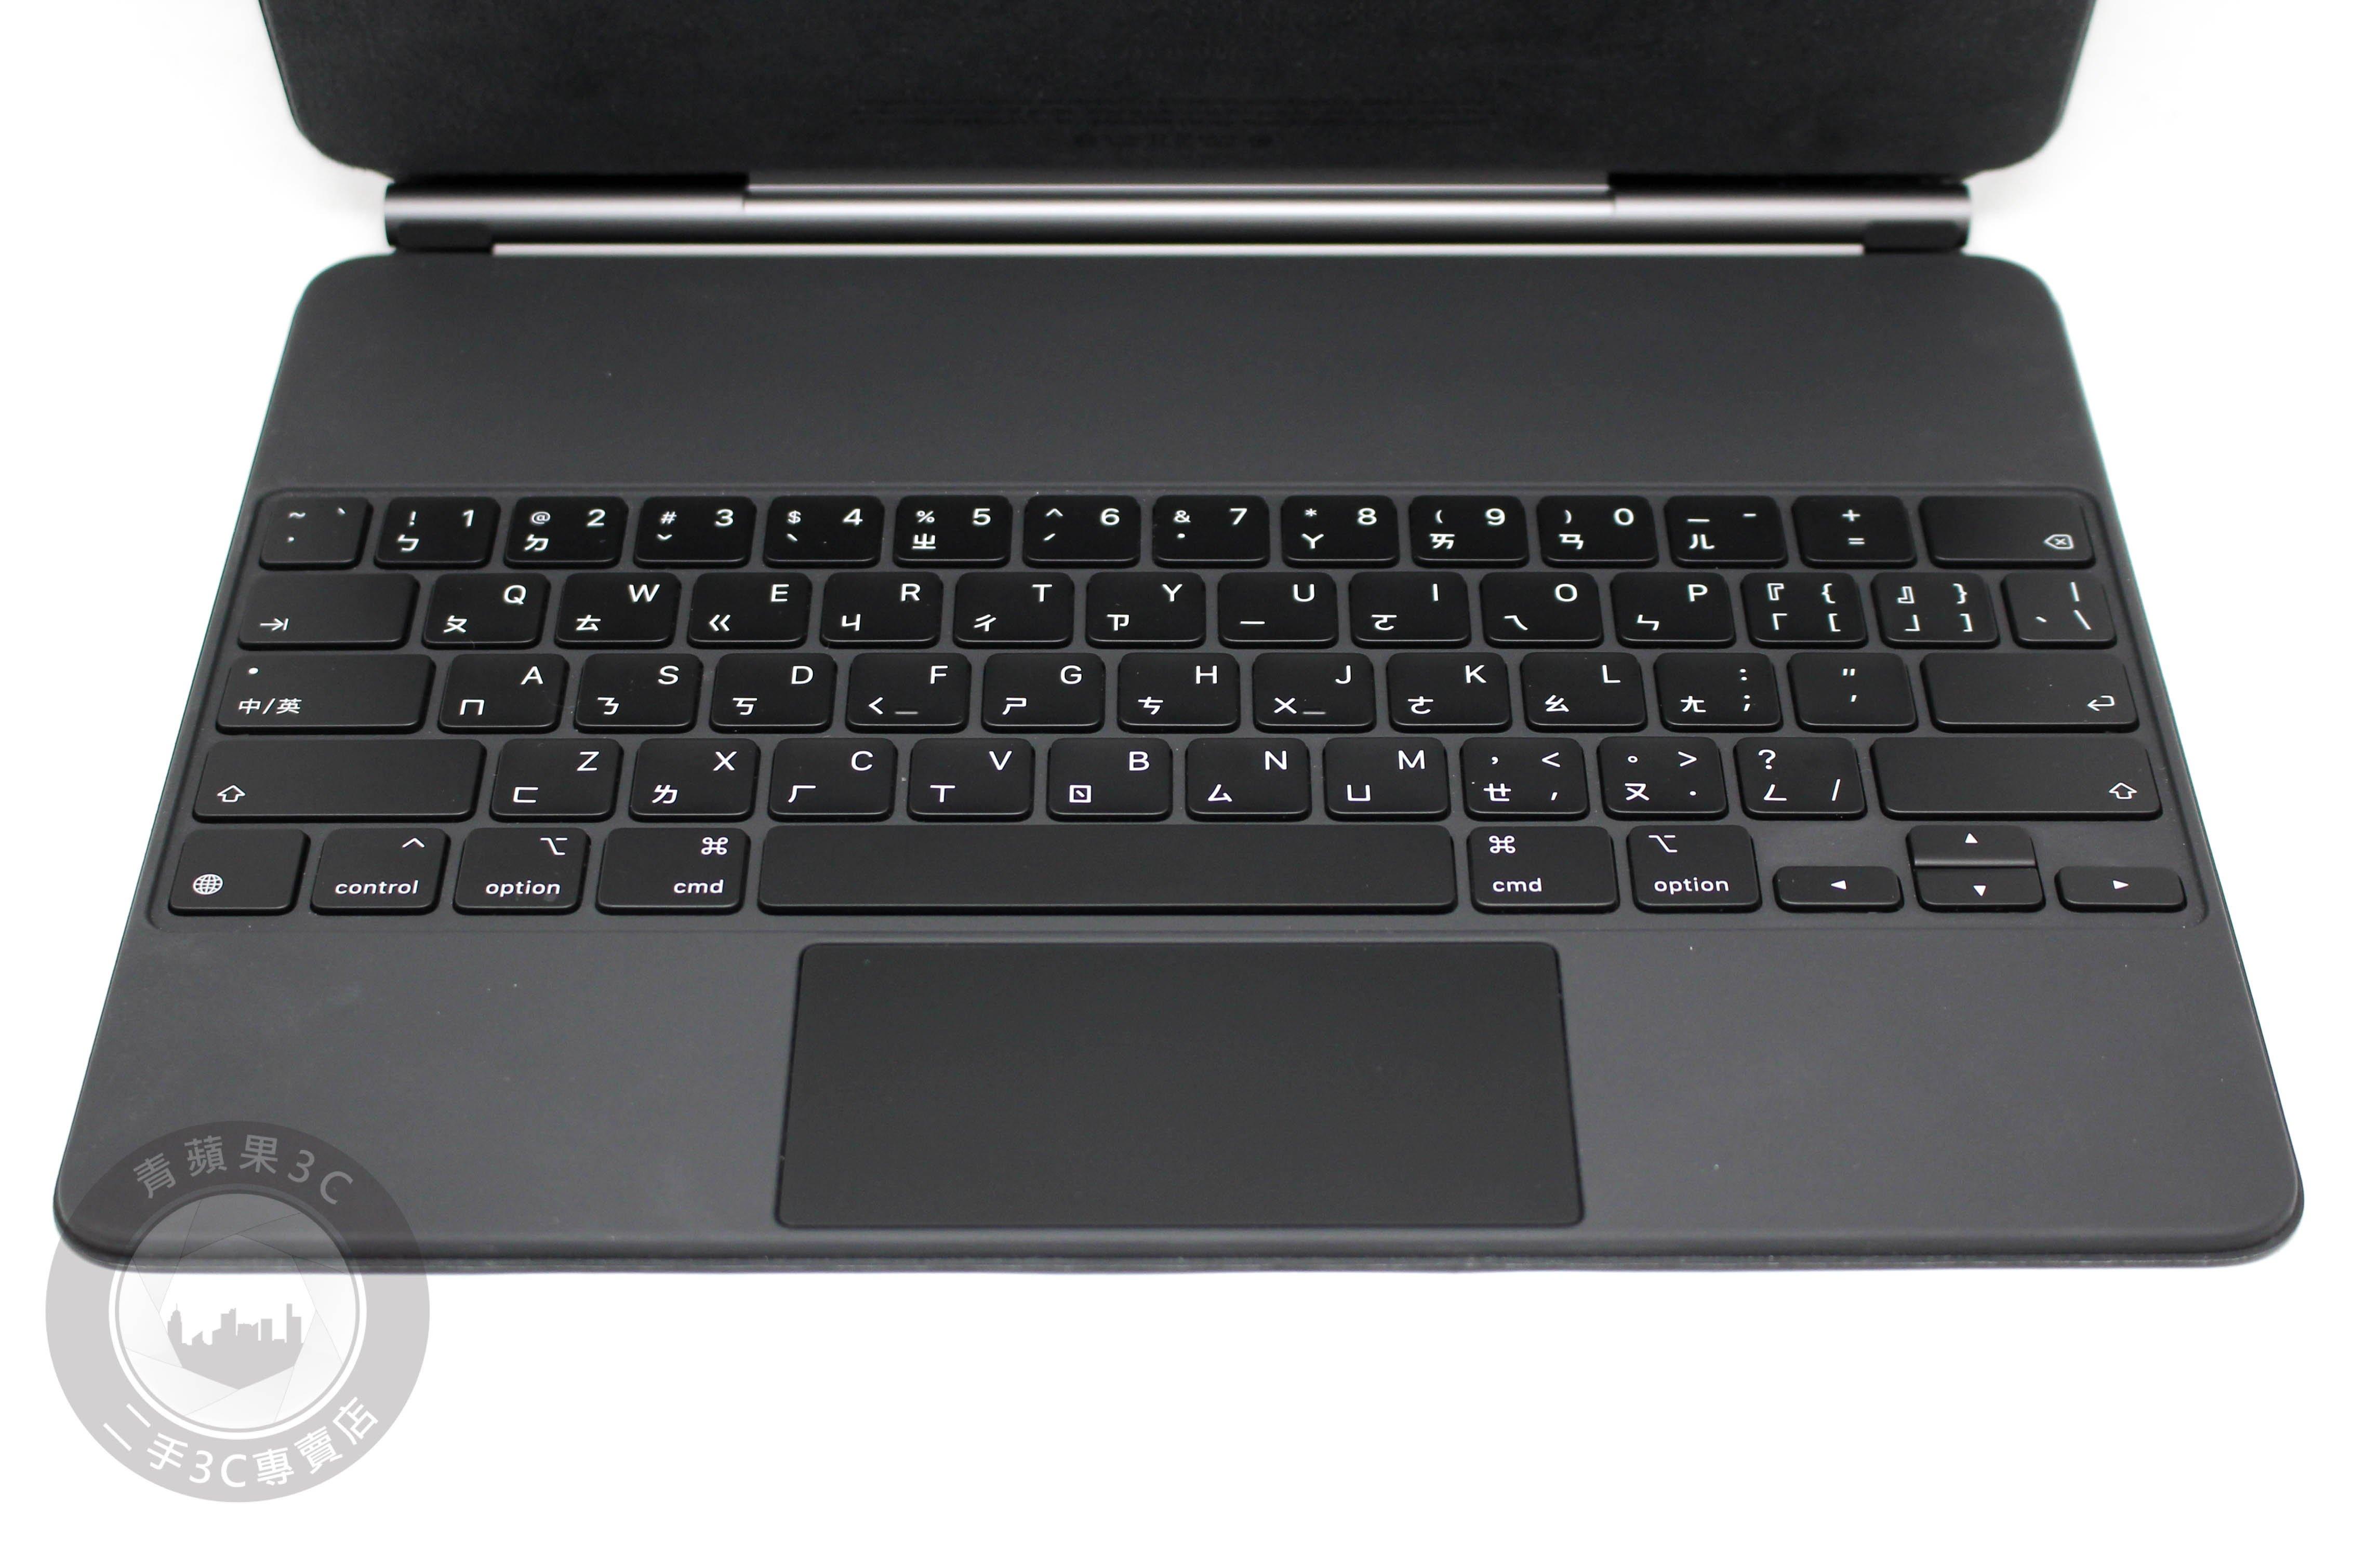 【高雄青蘋果3C】Apple Magic keyboard 巧控鍵盤 iPad Pro 12.9吋 二手鍵盤#65195